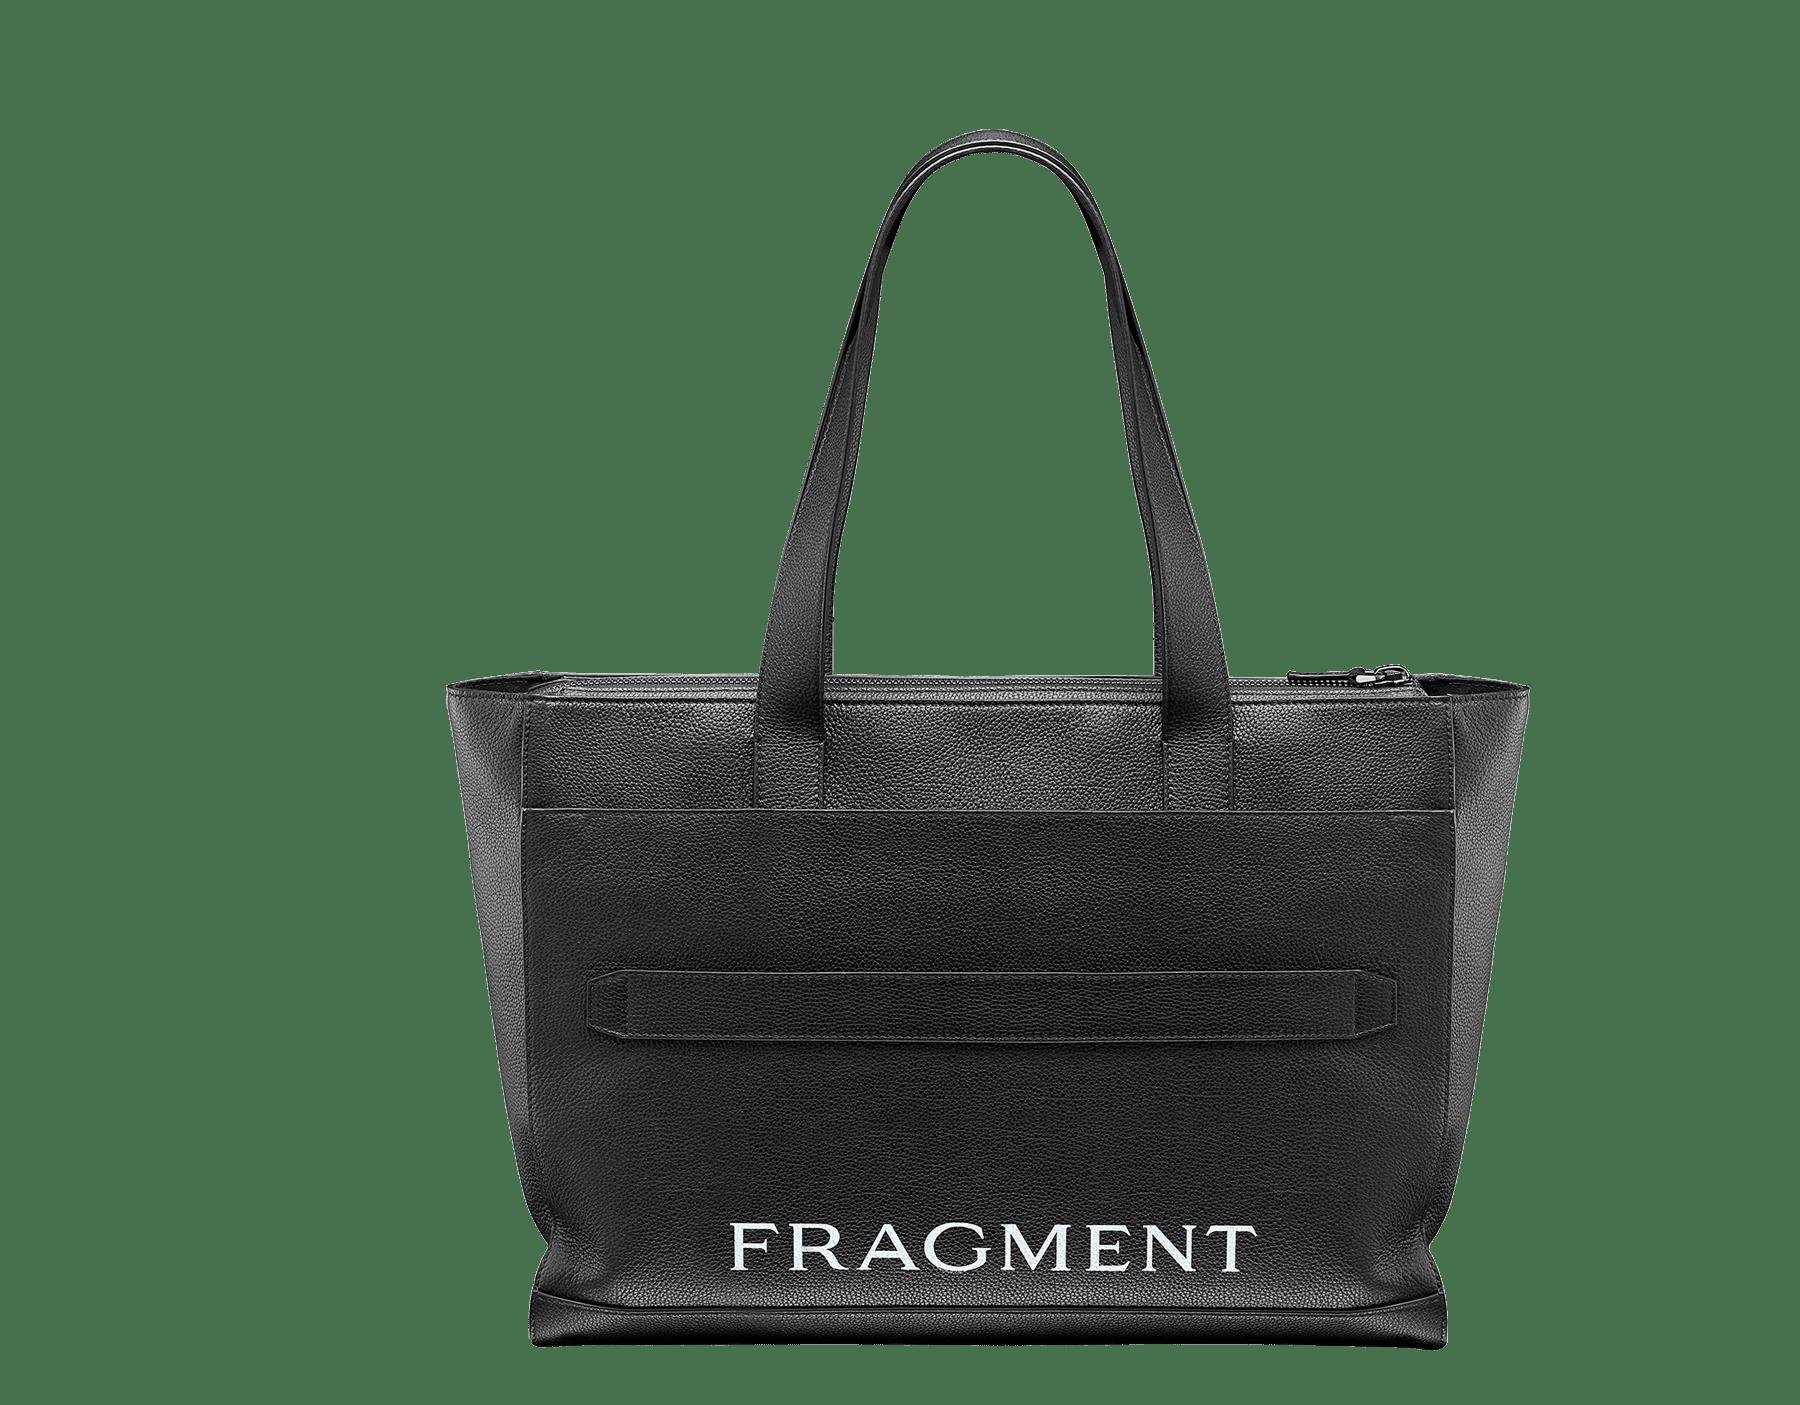 パラジウムプレートブラス製金具、「BVLGARI」と「FRAGMENT」のブラックロゴプリントが付いたホワイトアゲートのグレインカーフレザー製「FRAGMENT X BVLGARI by Hiroshi Fujiwara」横長トートバッグ。 1115M-FUJI3rd image 3